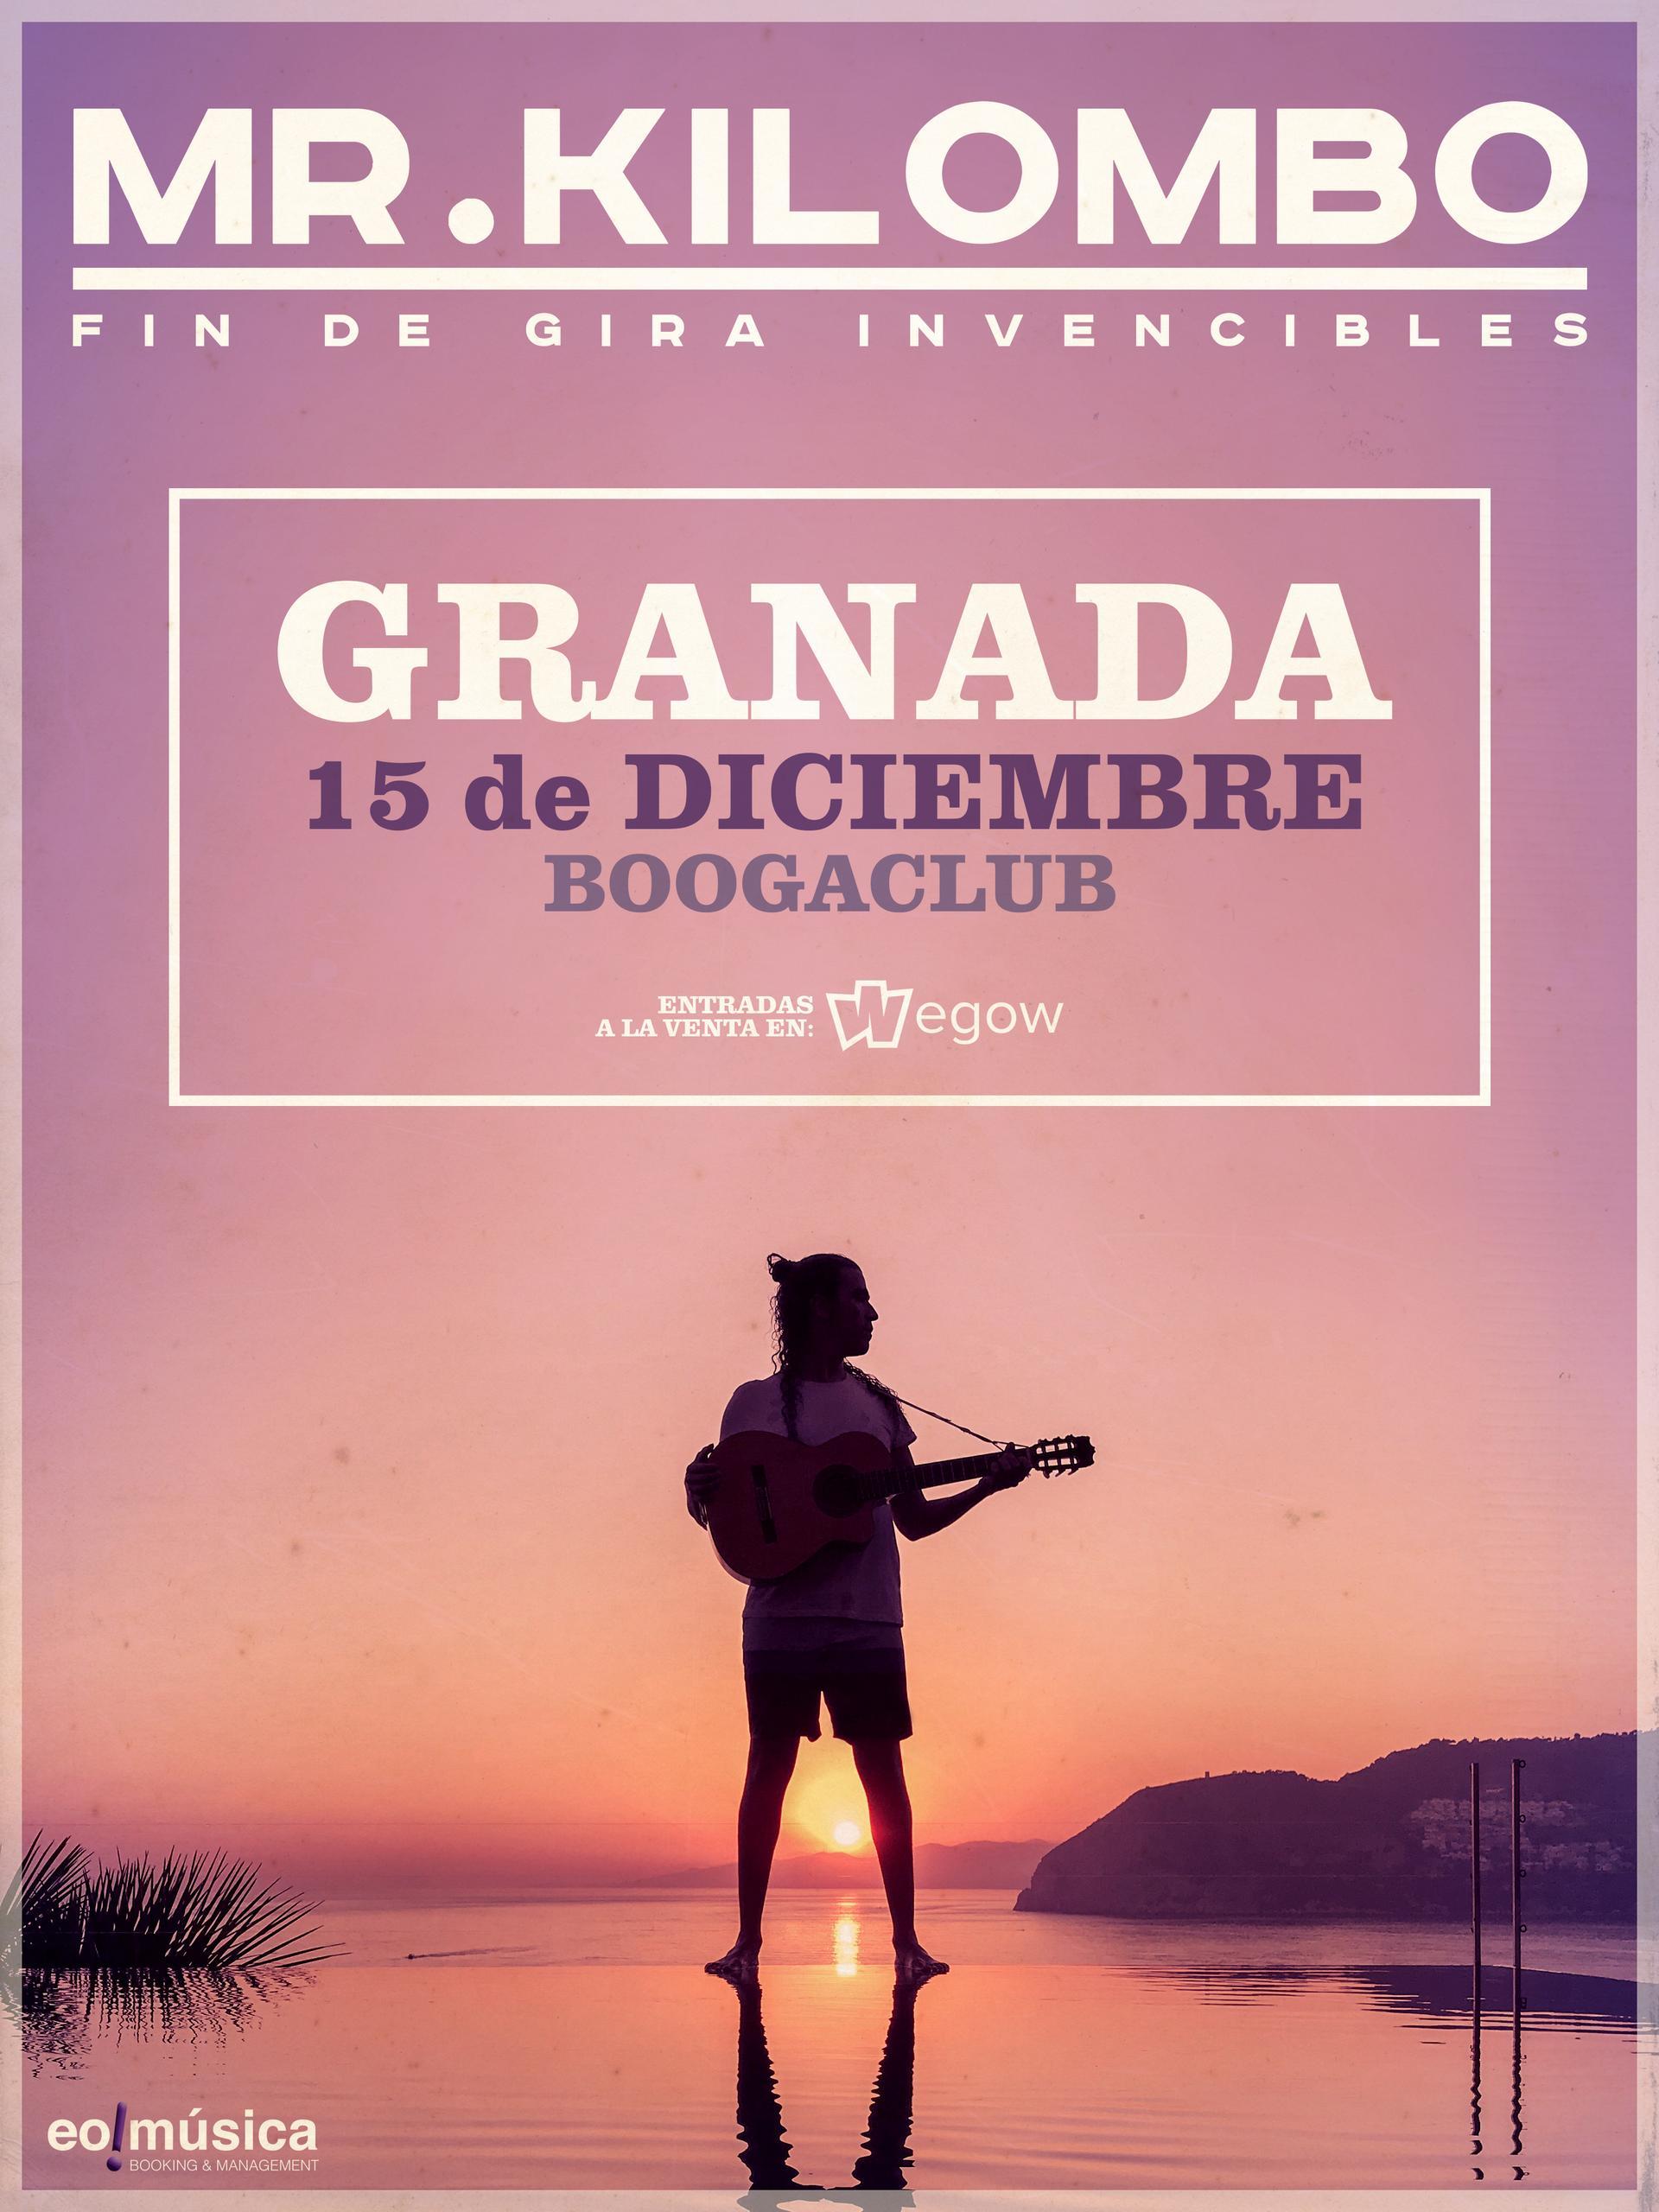 Concierto de Mr. Kilombo en Granada